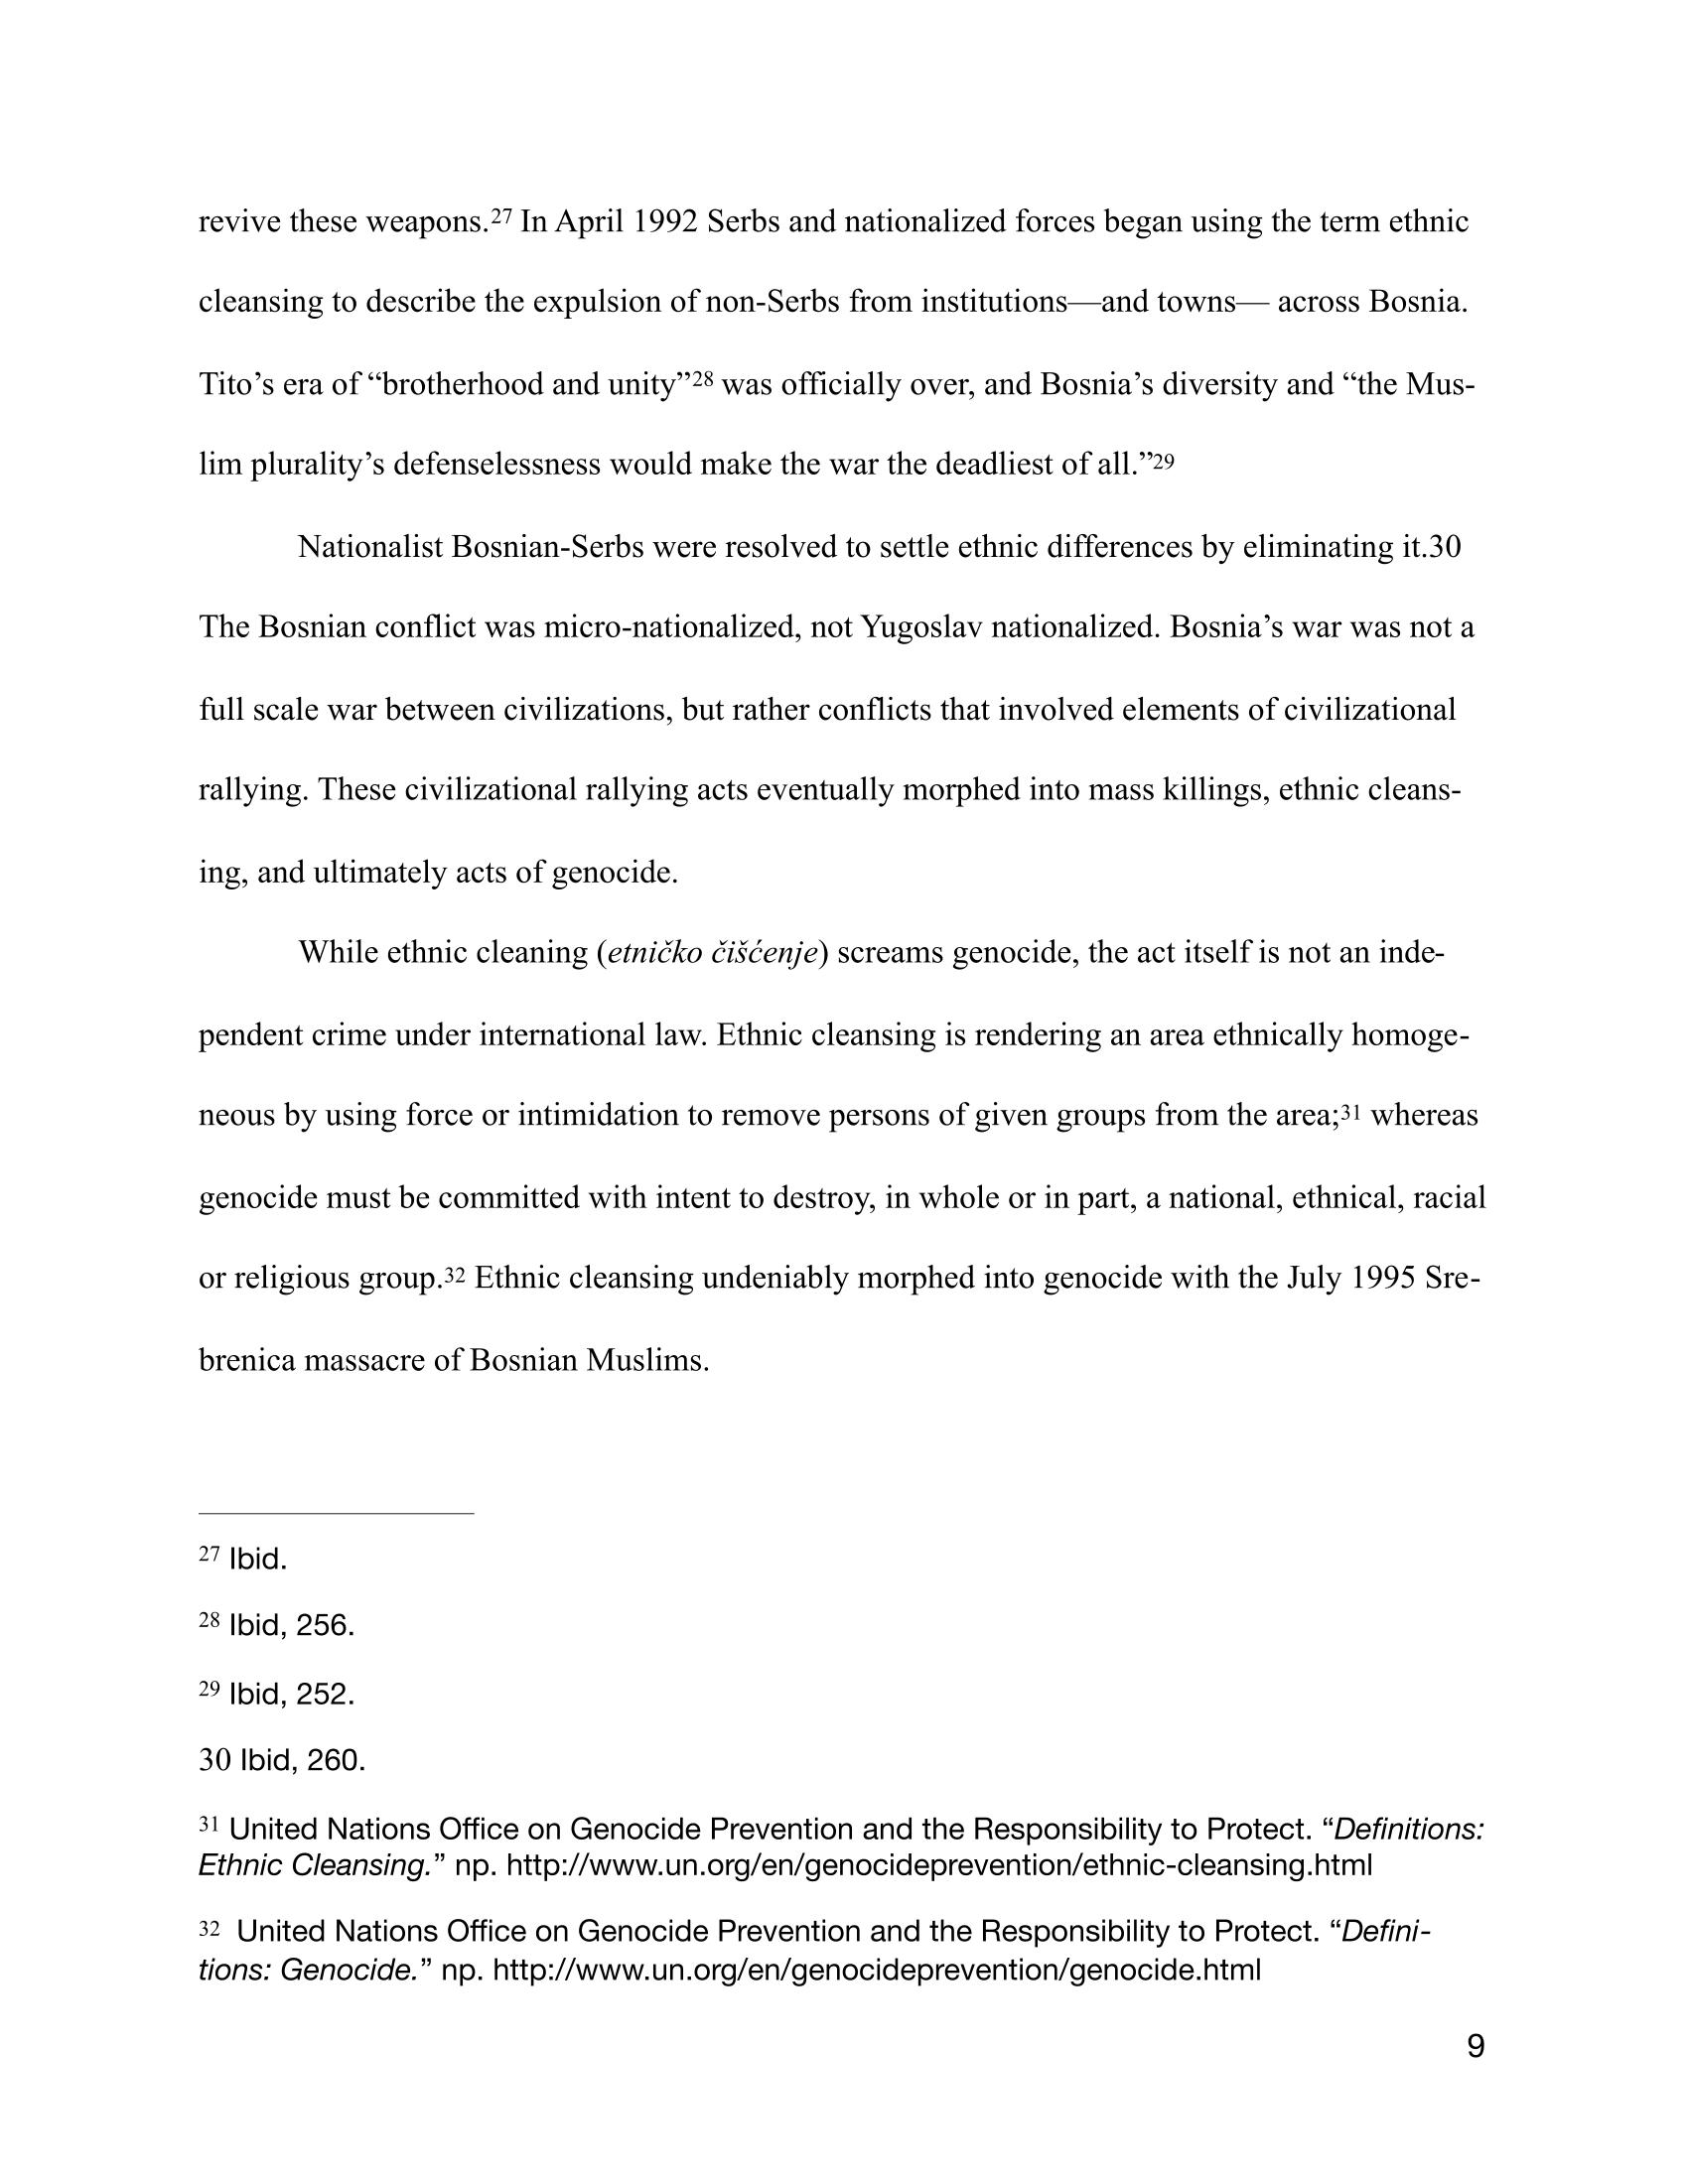 Yugoslavia_Final-Draft_Milner_pdf-09.png